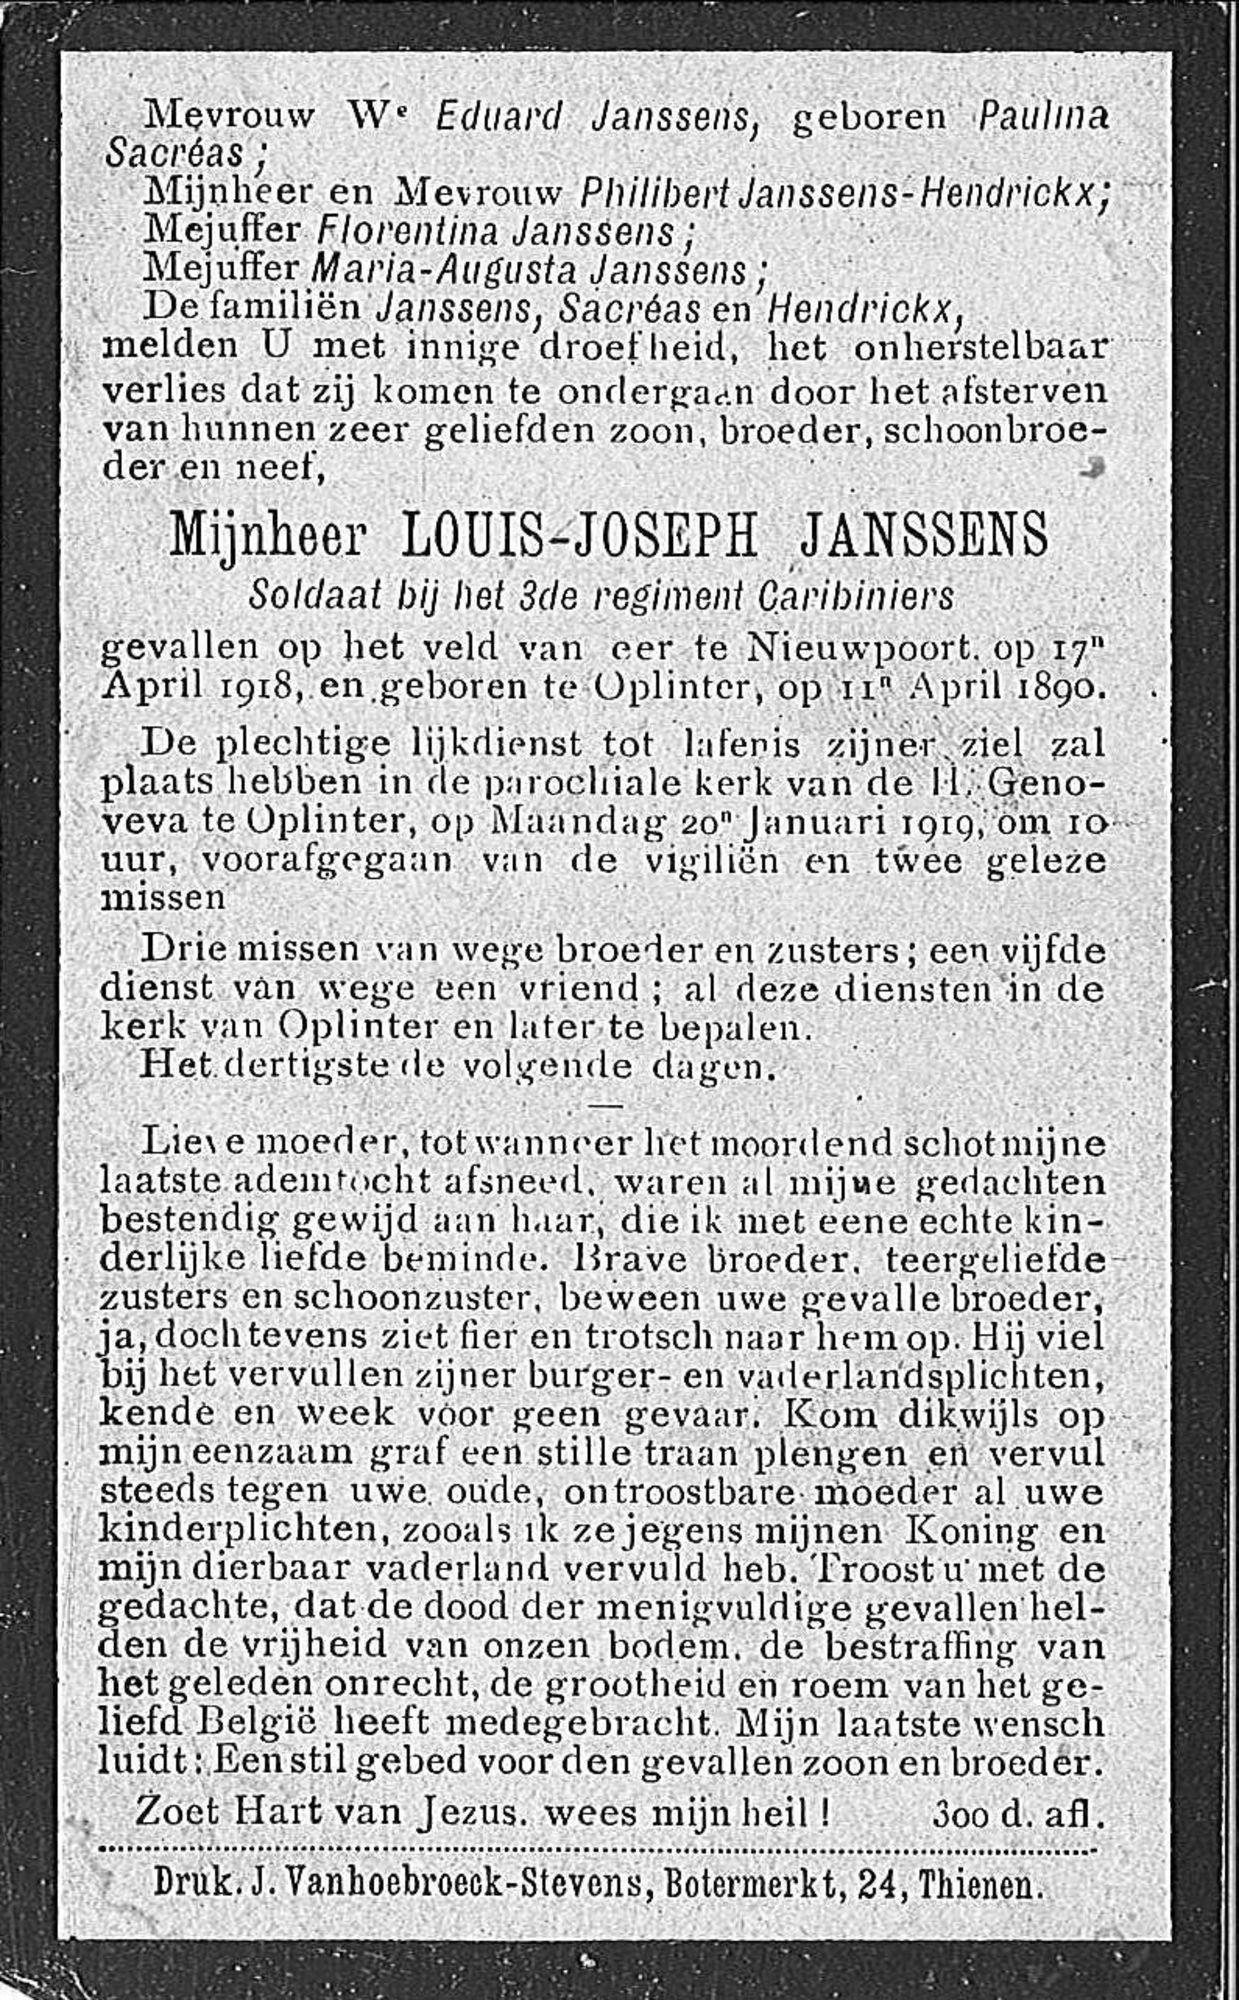 Louis-Joseph Janssens